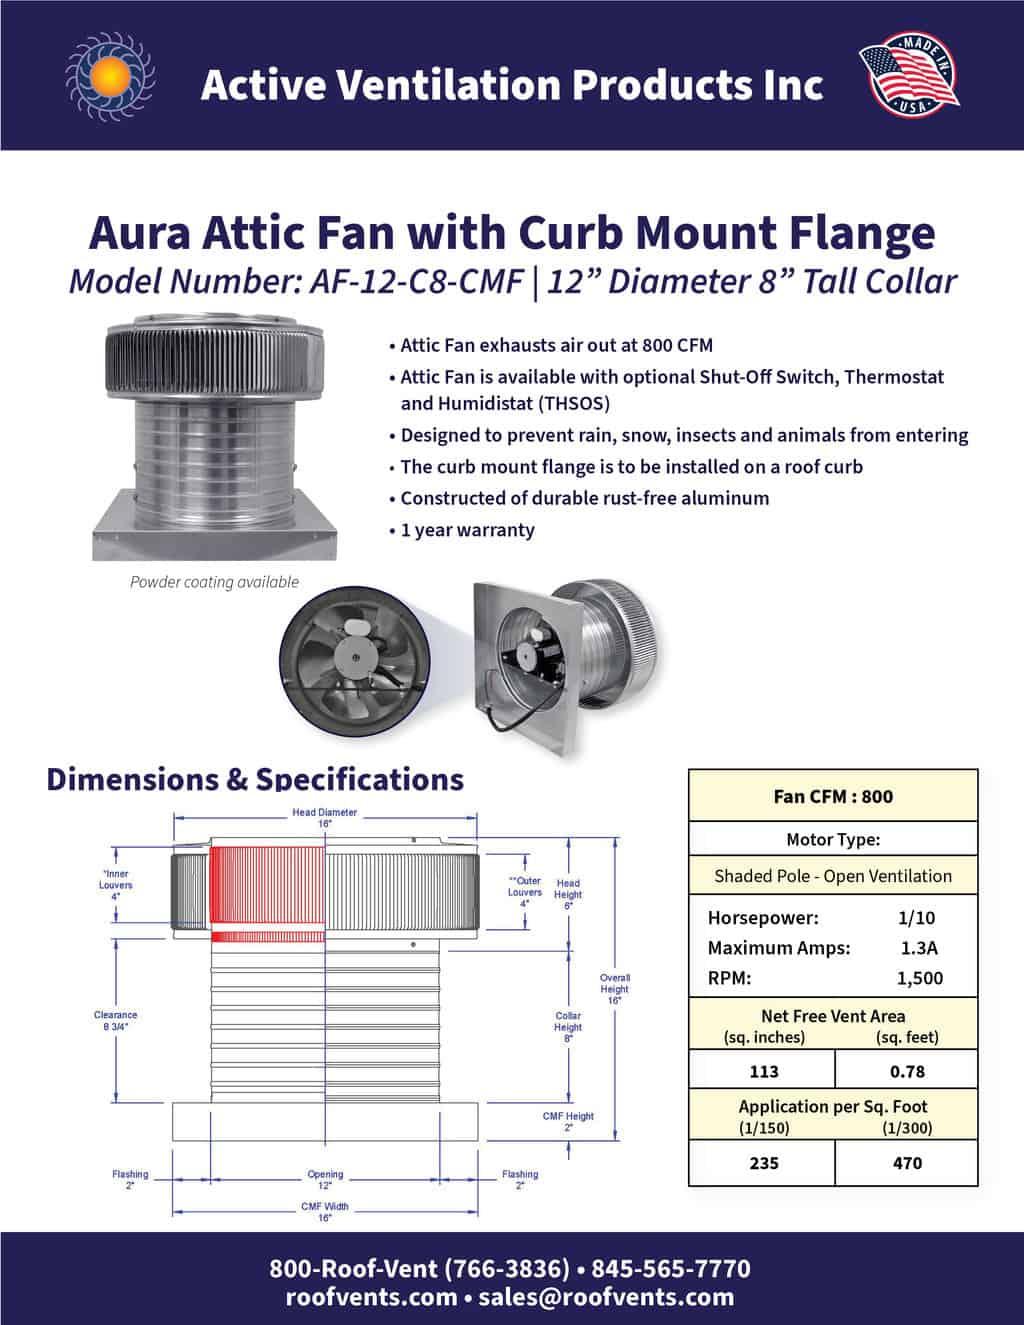 AF-12-C8-CMF-brochure An Exhaust Attic Fan